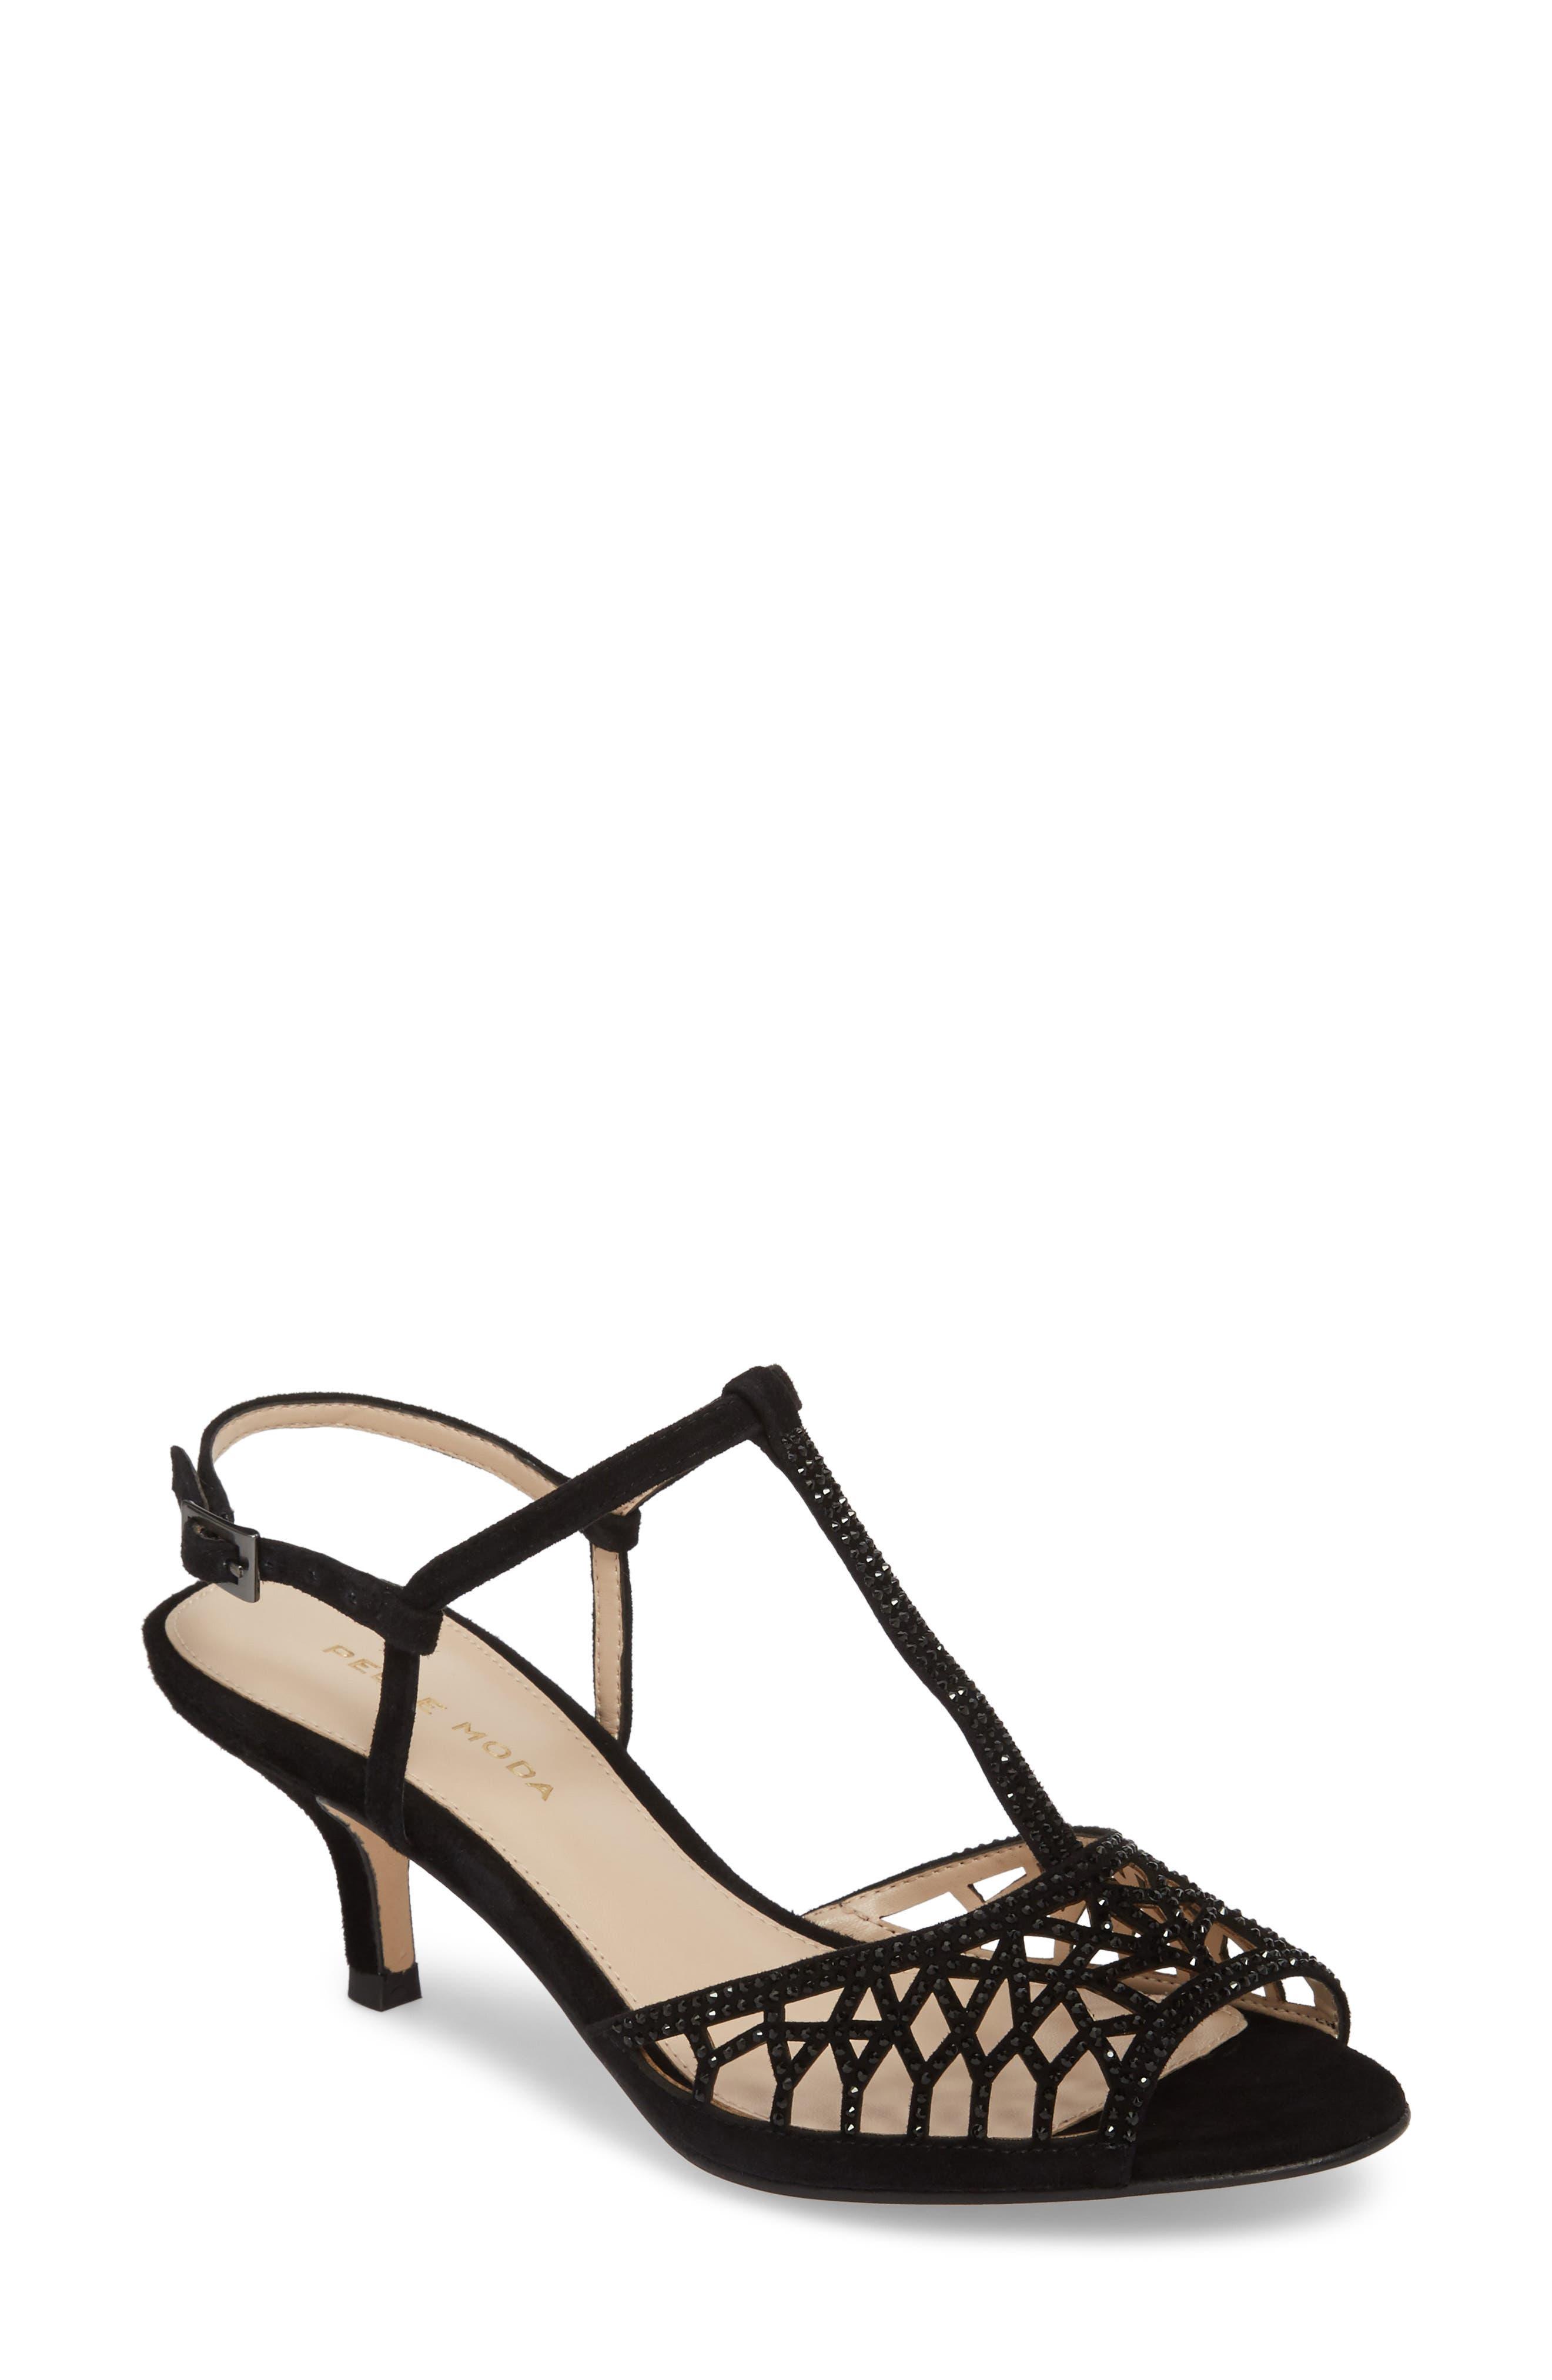 Adaline Embellished Sandal,                             Main thumbnail 1, color,                             BLACK SUEDE